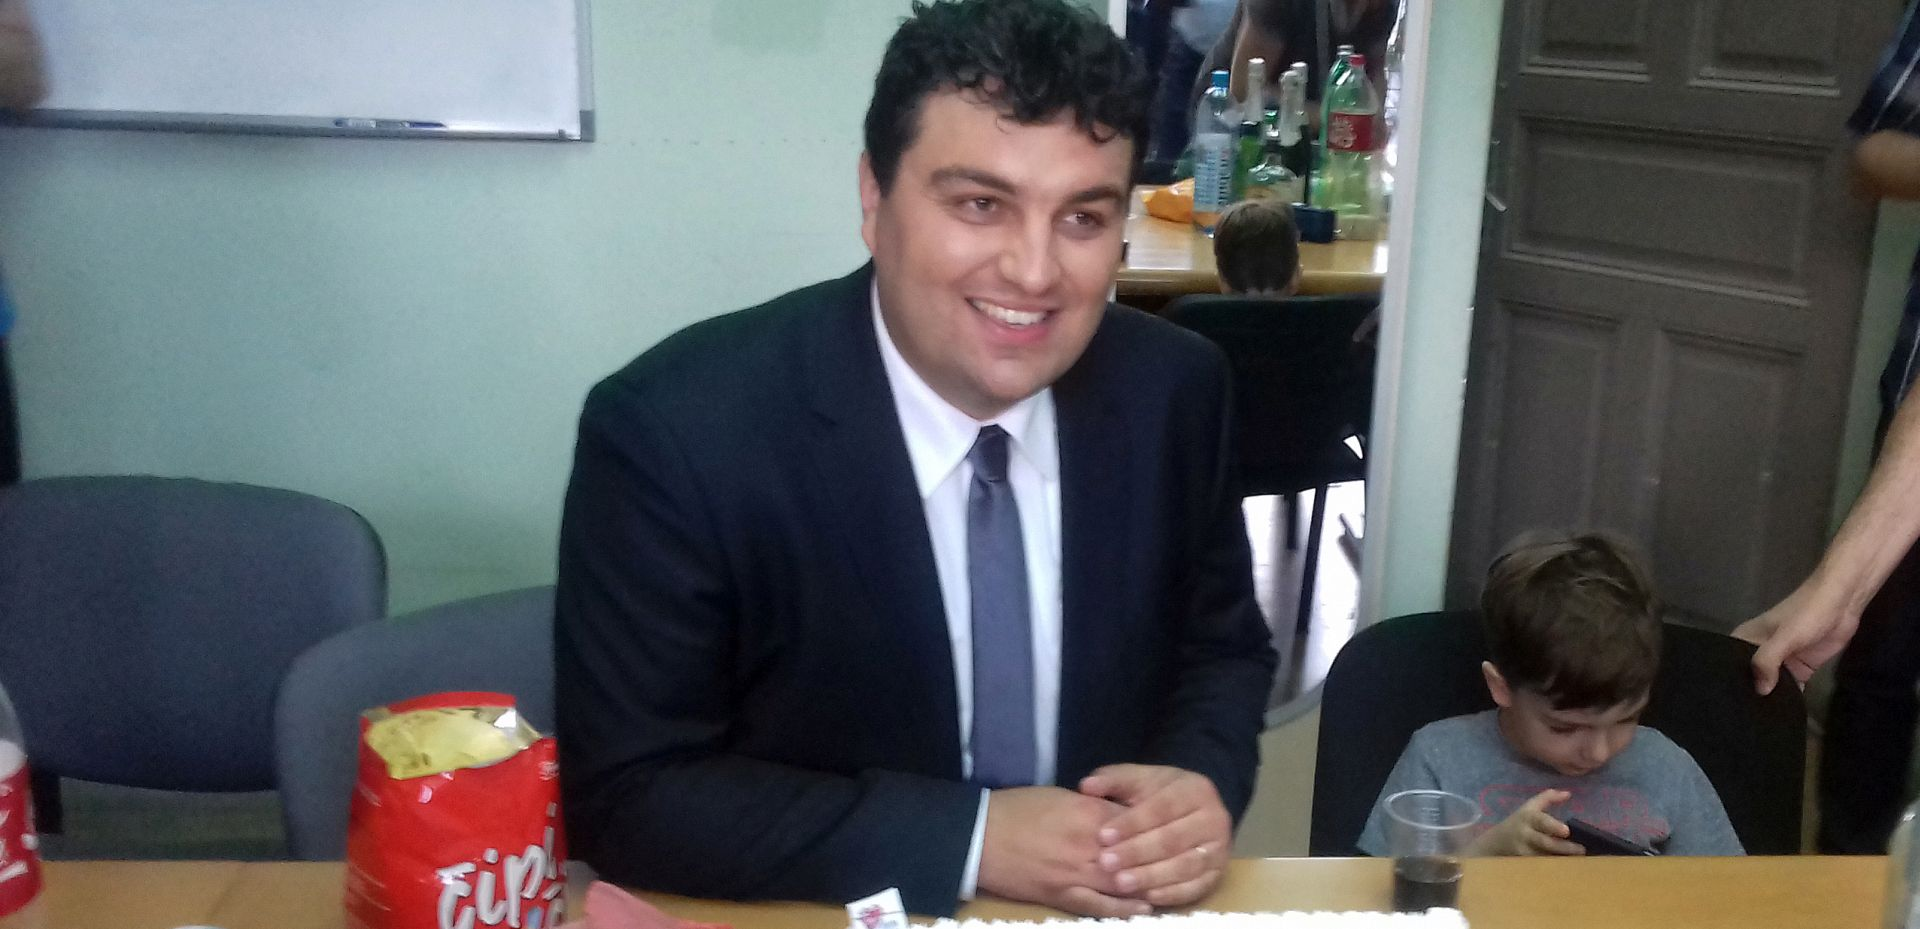 Mario Rajn novi je gradonačelnik Križevaca